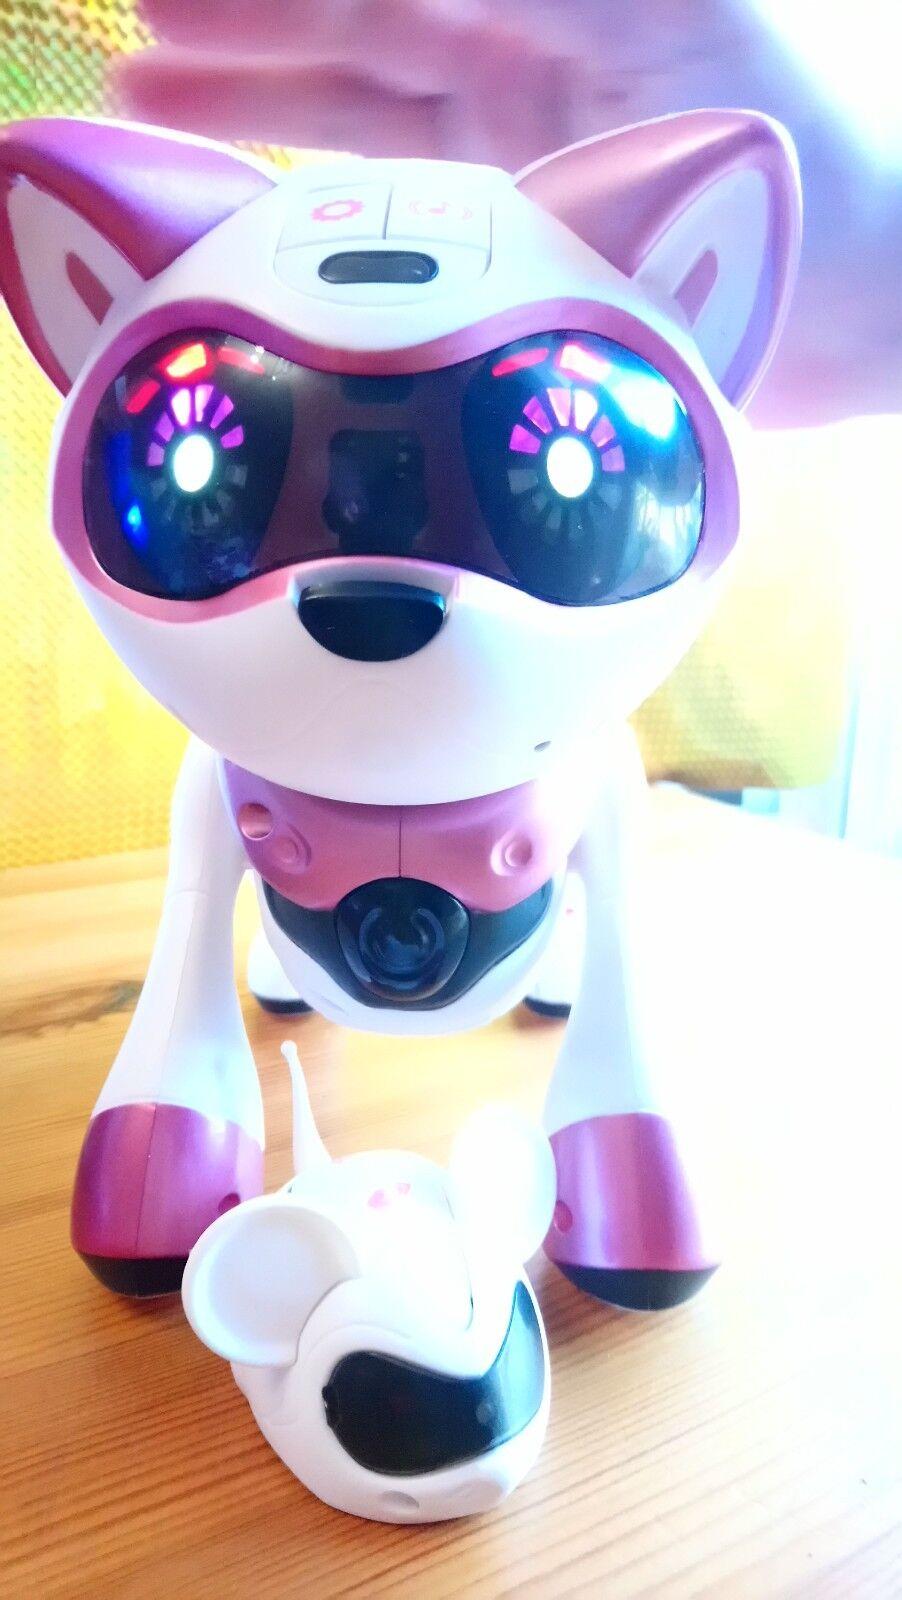 Gato Robot Teksta 4G Robot Kitty Chaton Robotique Niños +5 años incluye ratón